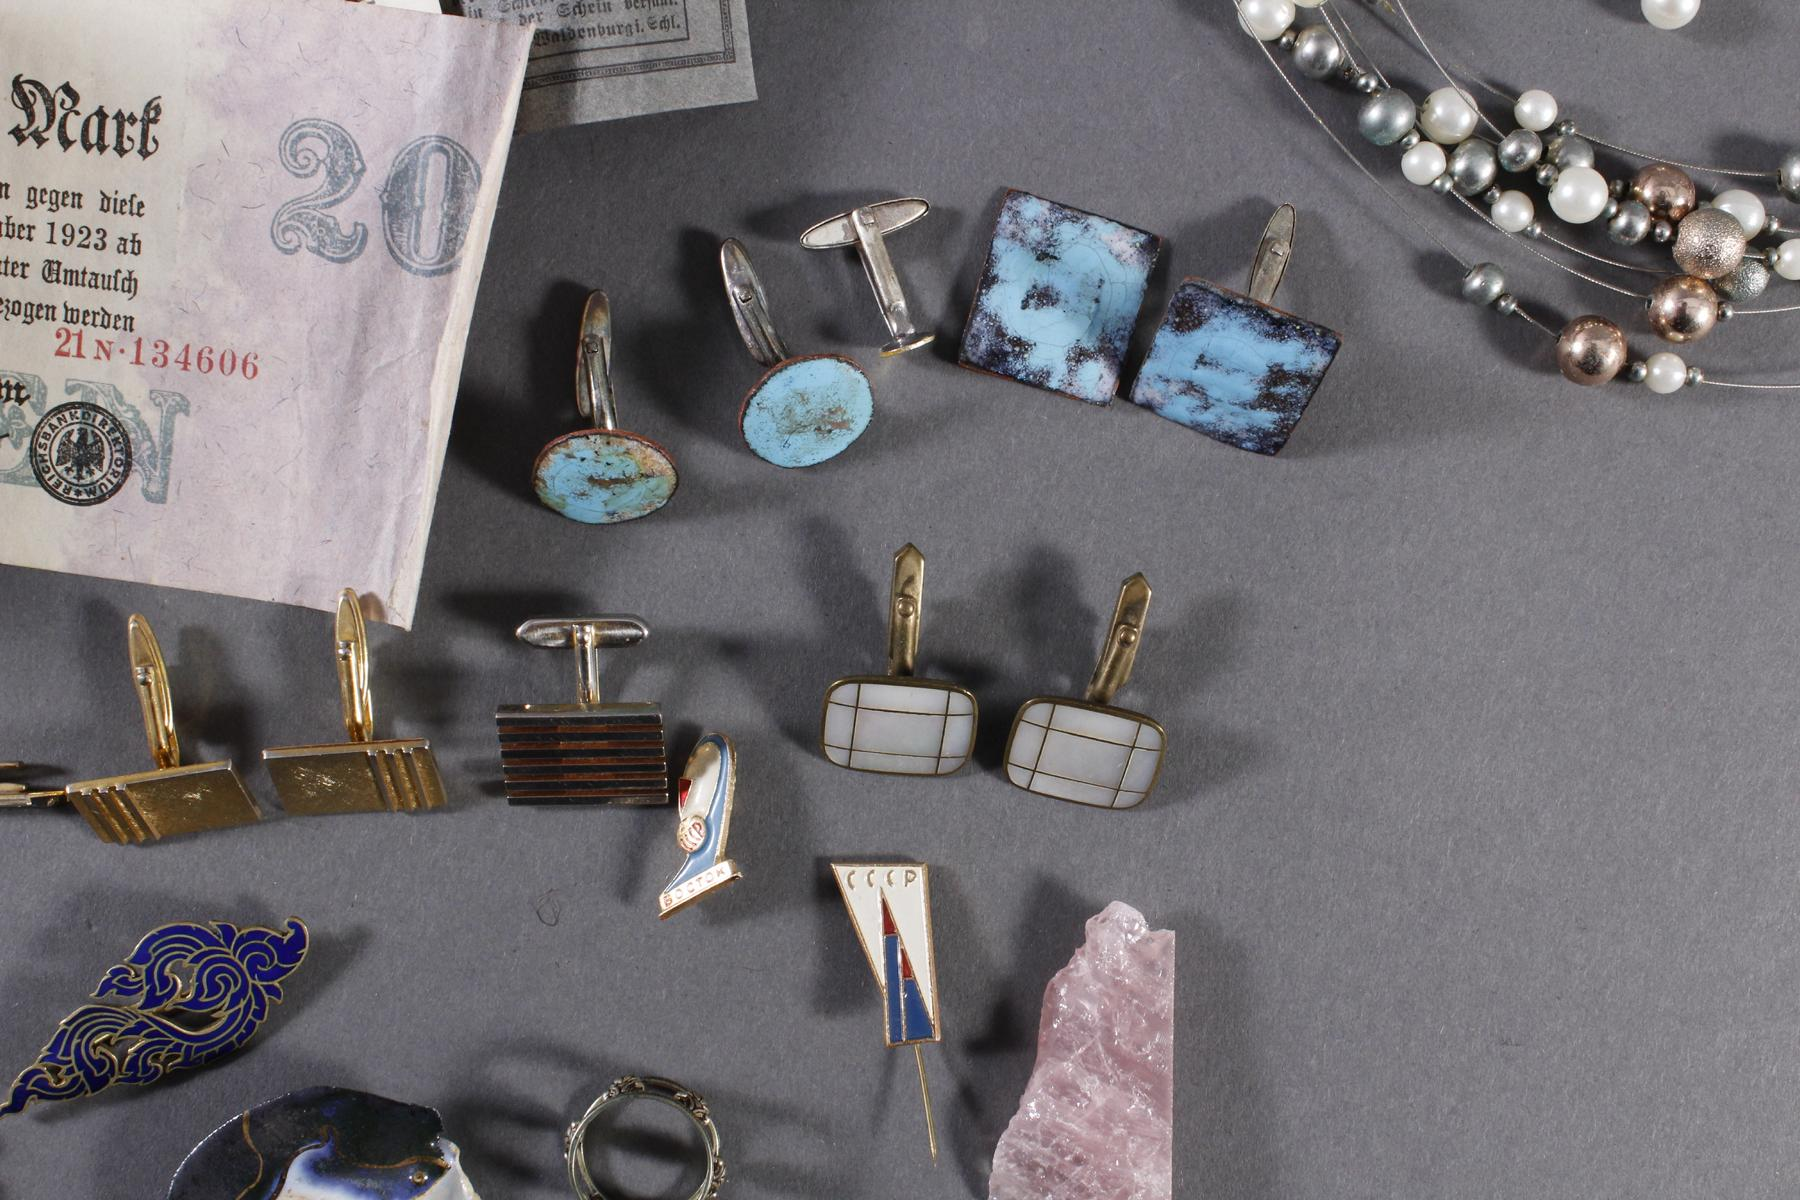 Schmuckschatulle mit Reichsbanknoten, Perlenkette, silberne Serviettenringe und Modeschmuck-4